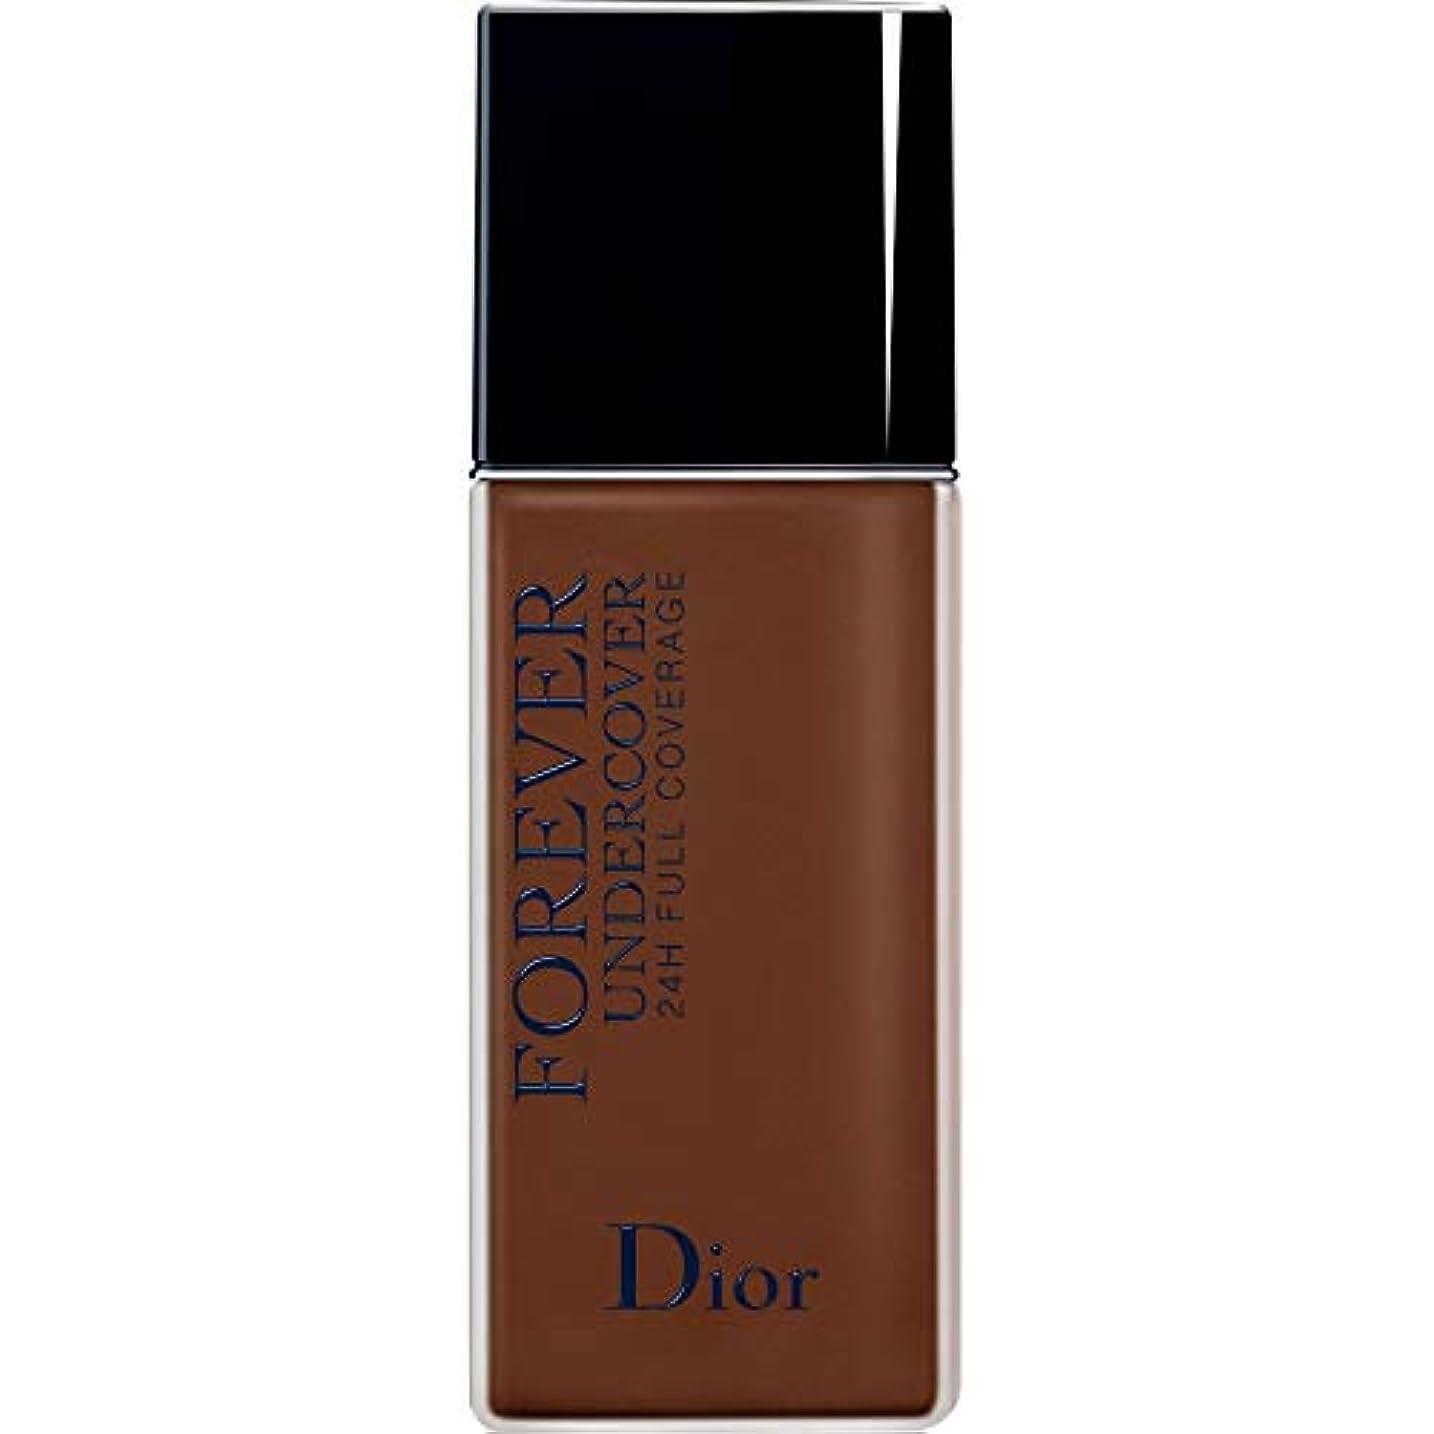 結晶助けになる服を片付ける[Dior ] ディオールディオールスキン永遠アンダーカバーフルカバーの基礎40ミリリットル080 - 黒檀 - DIOR Diorskin Forever Undercover Full Coverage Foundation...